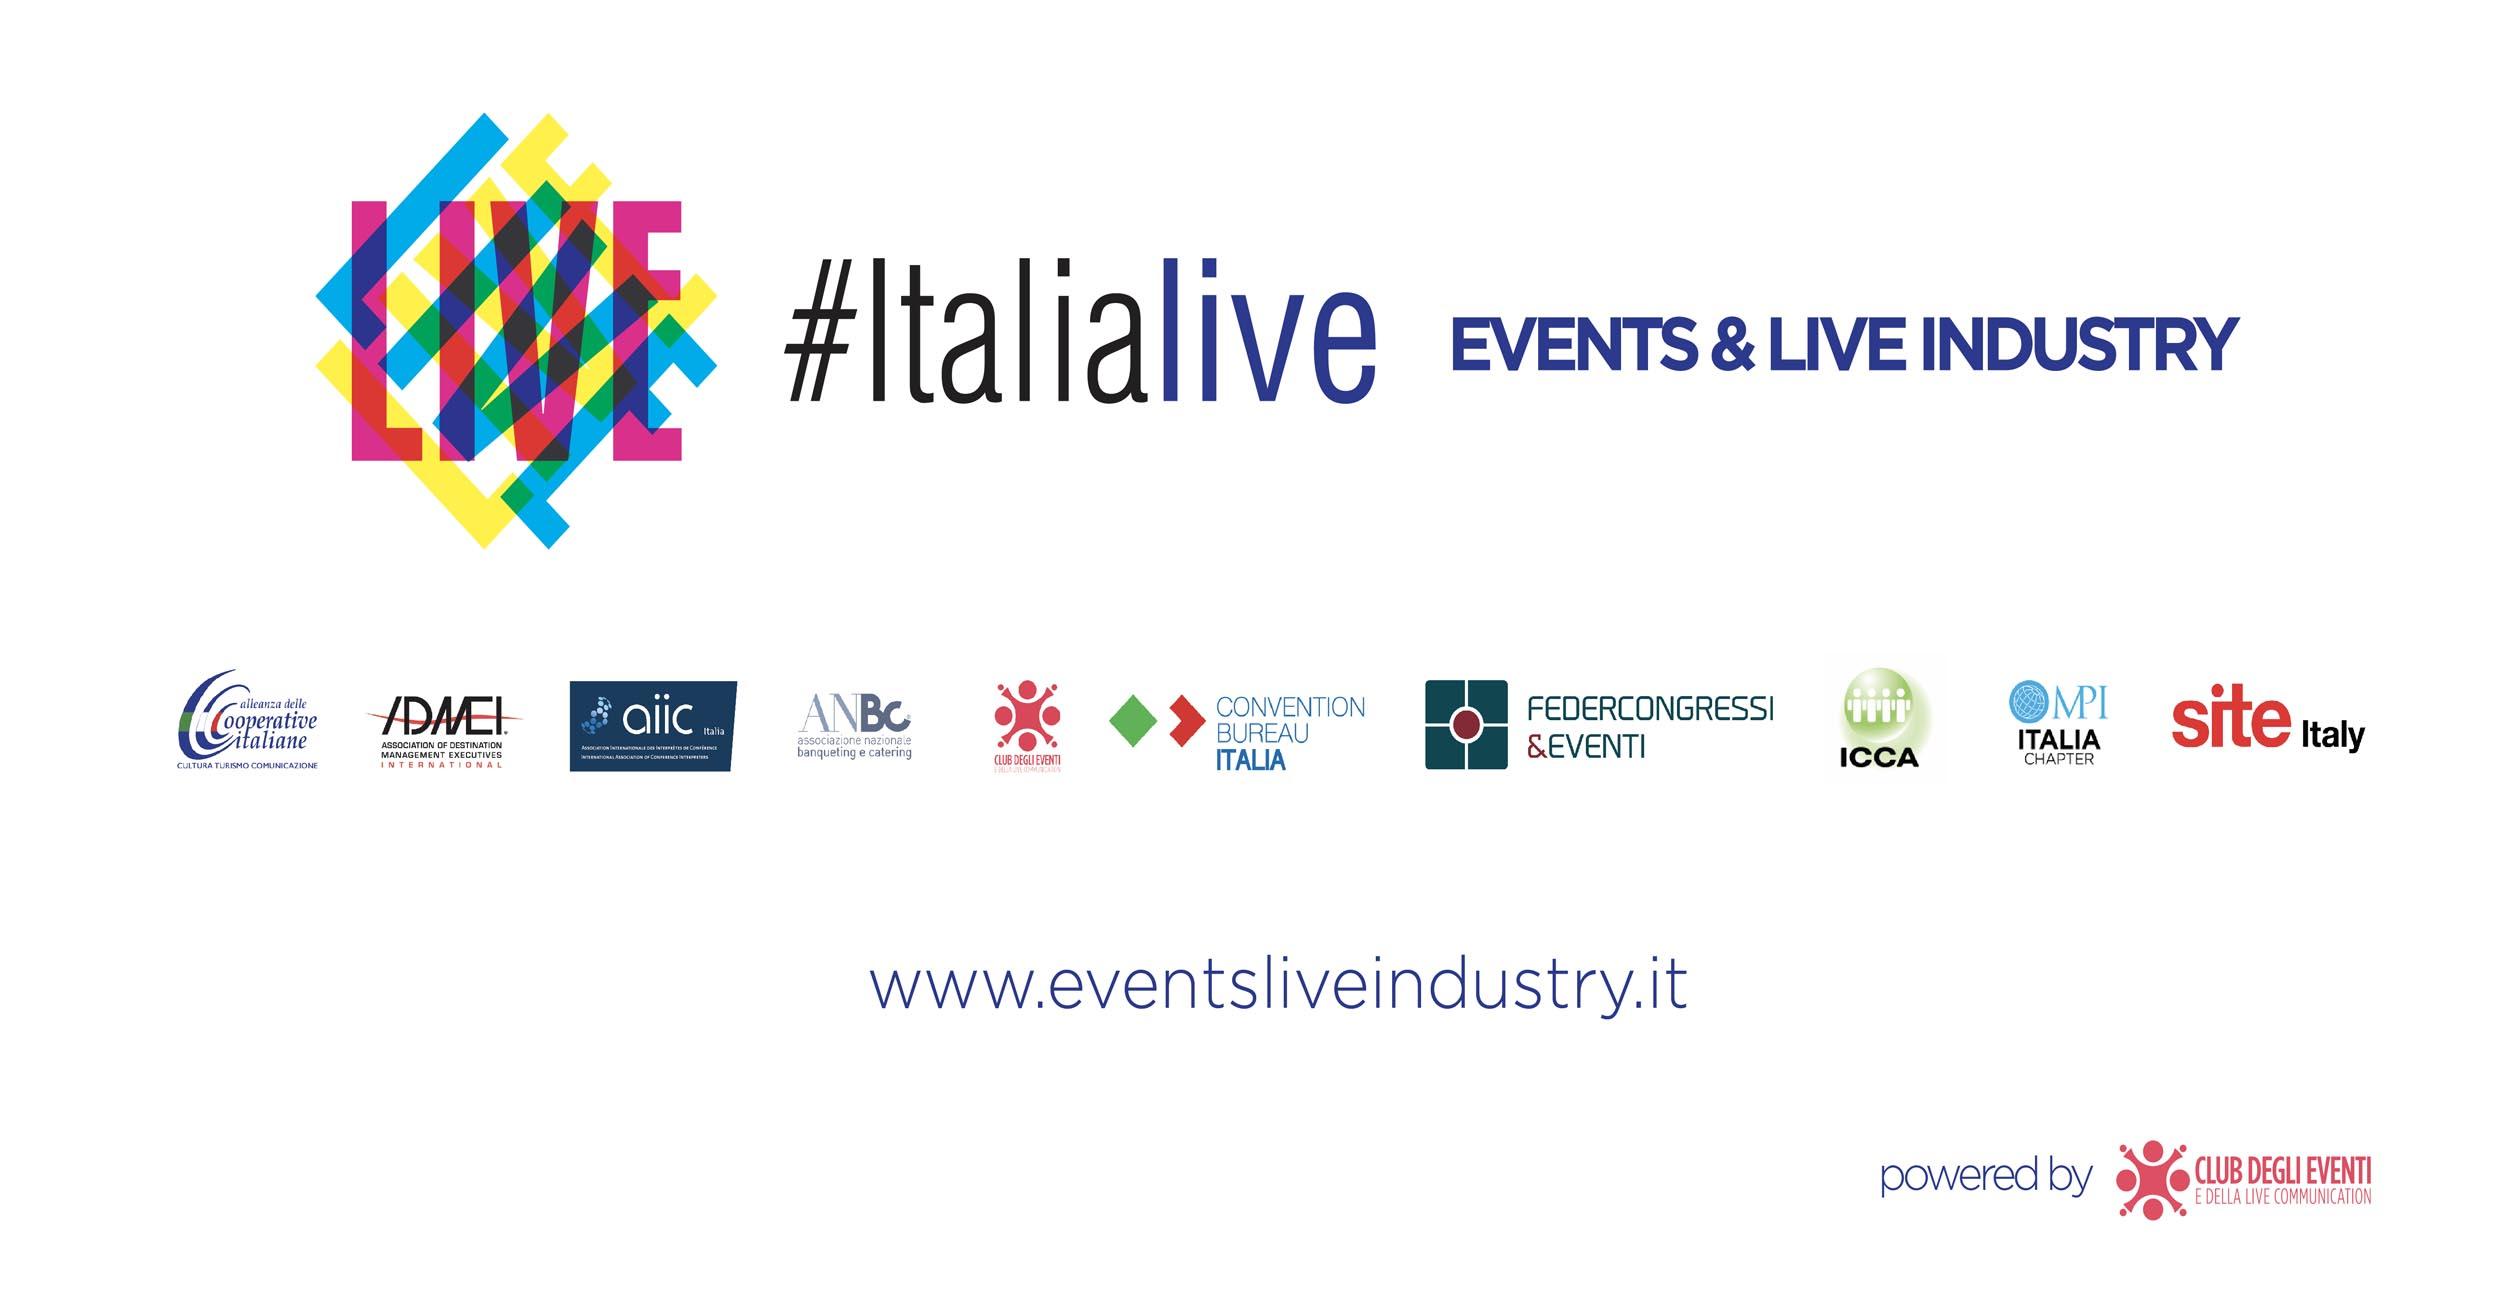 È partita #italialive. Fai sentire la tua voce